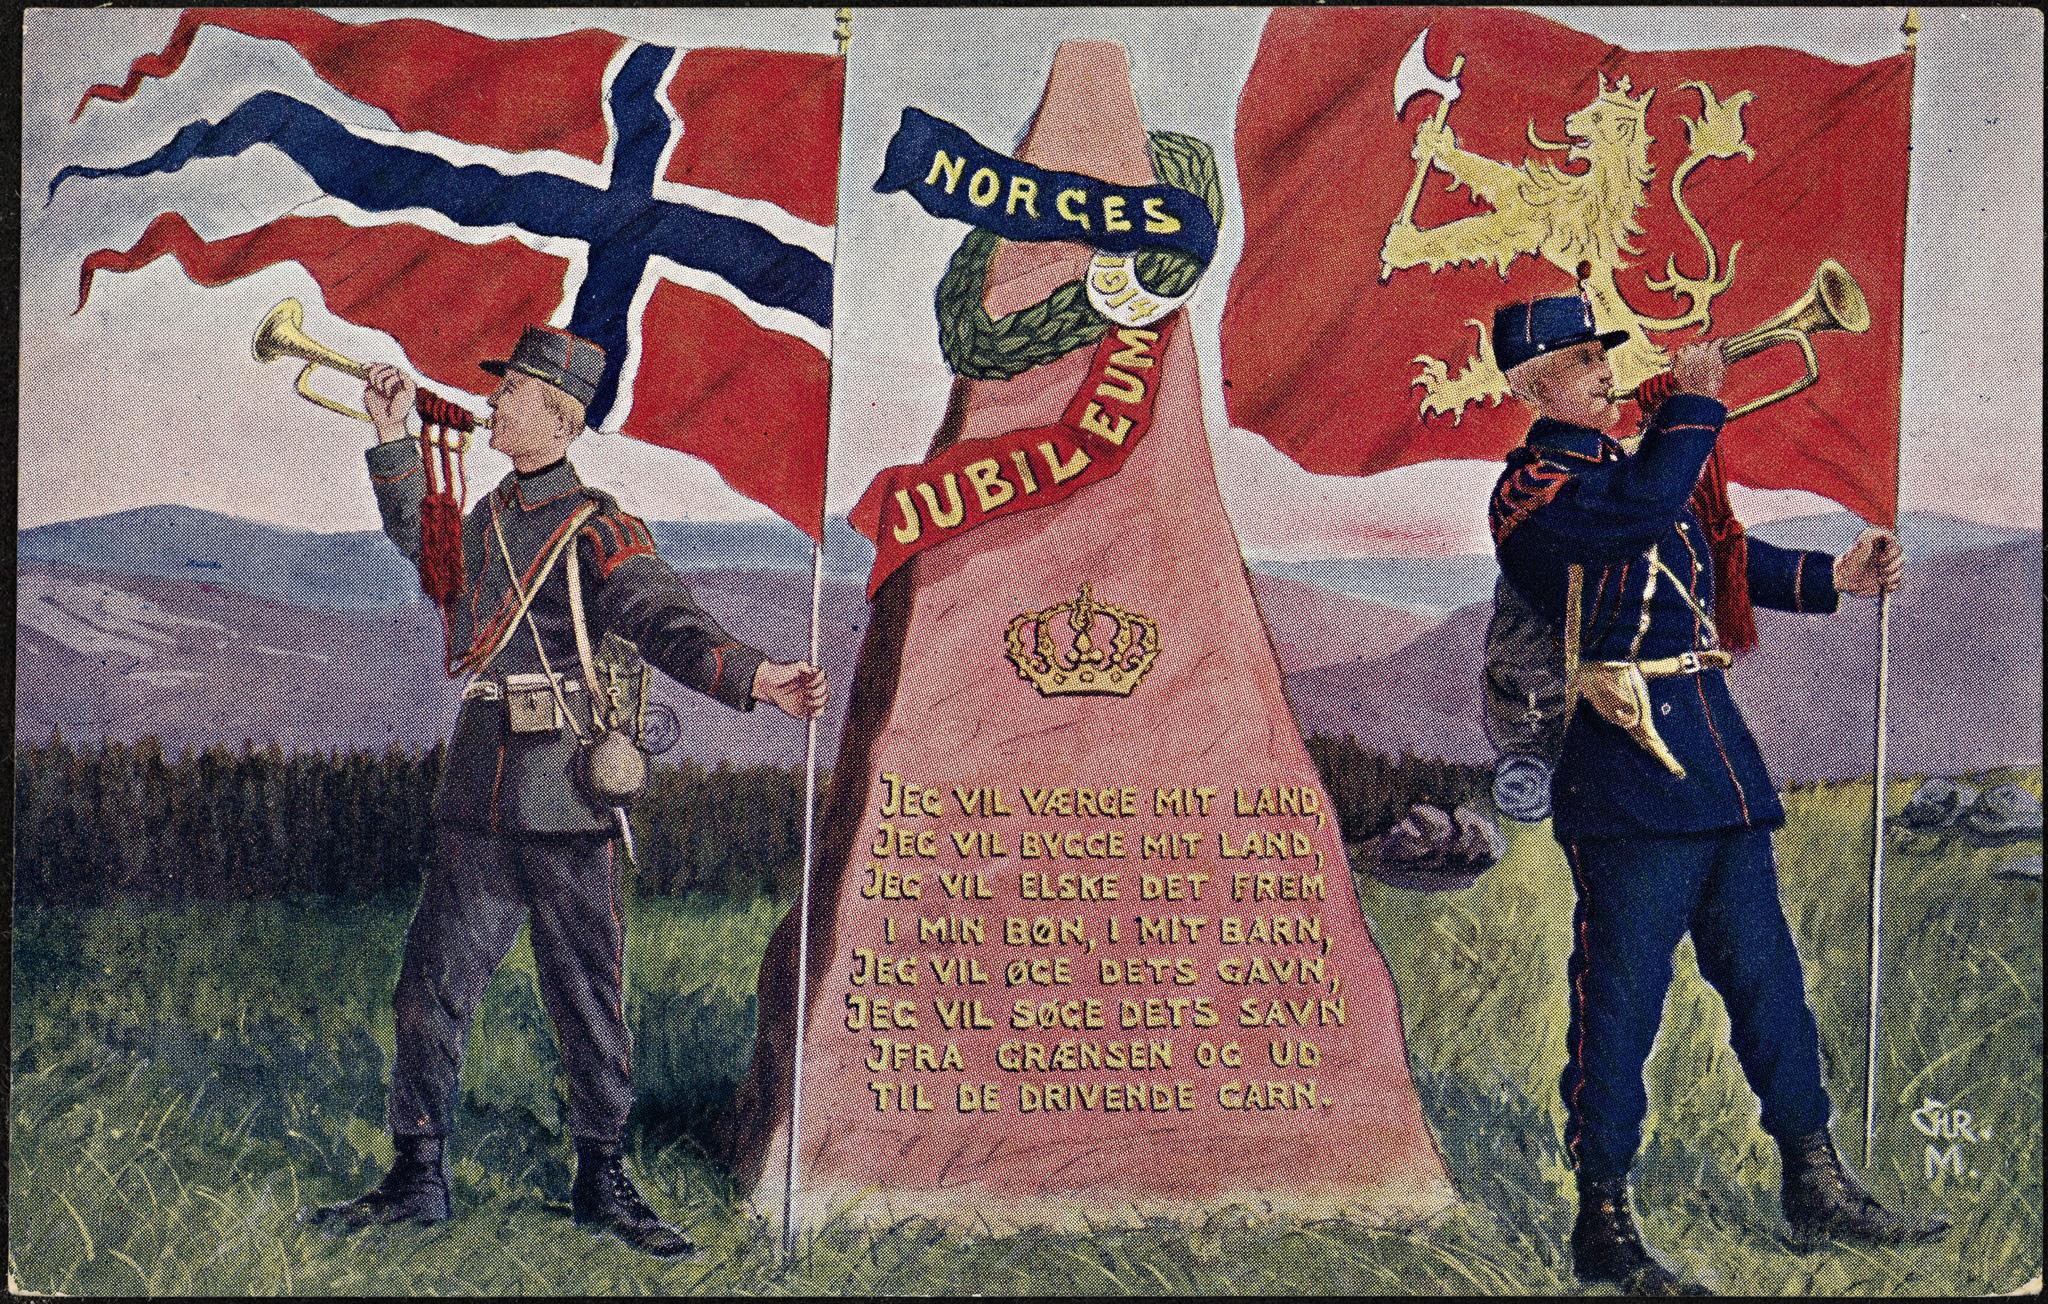 Norges_1914_Jubileum_blds_05727.jpg